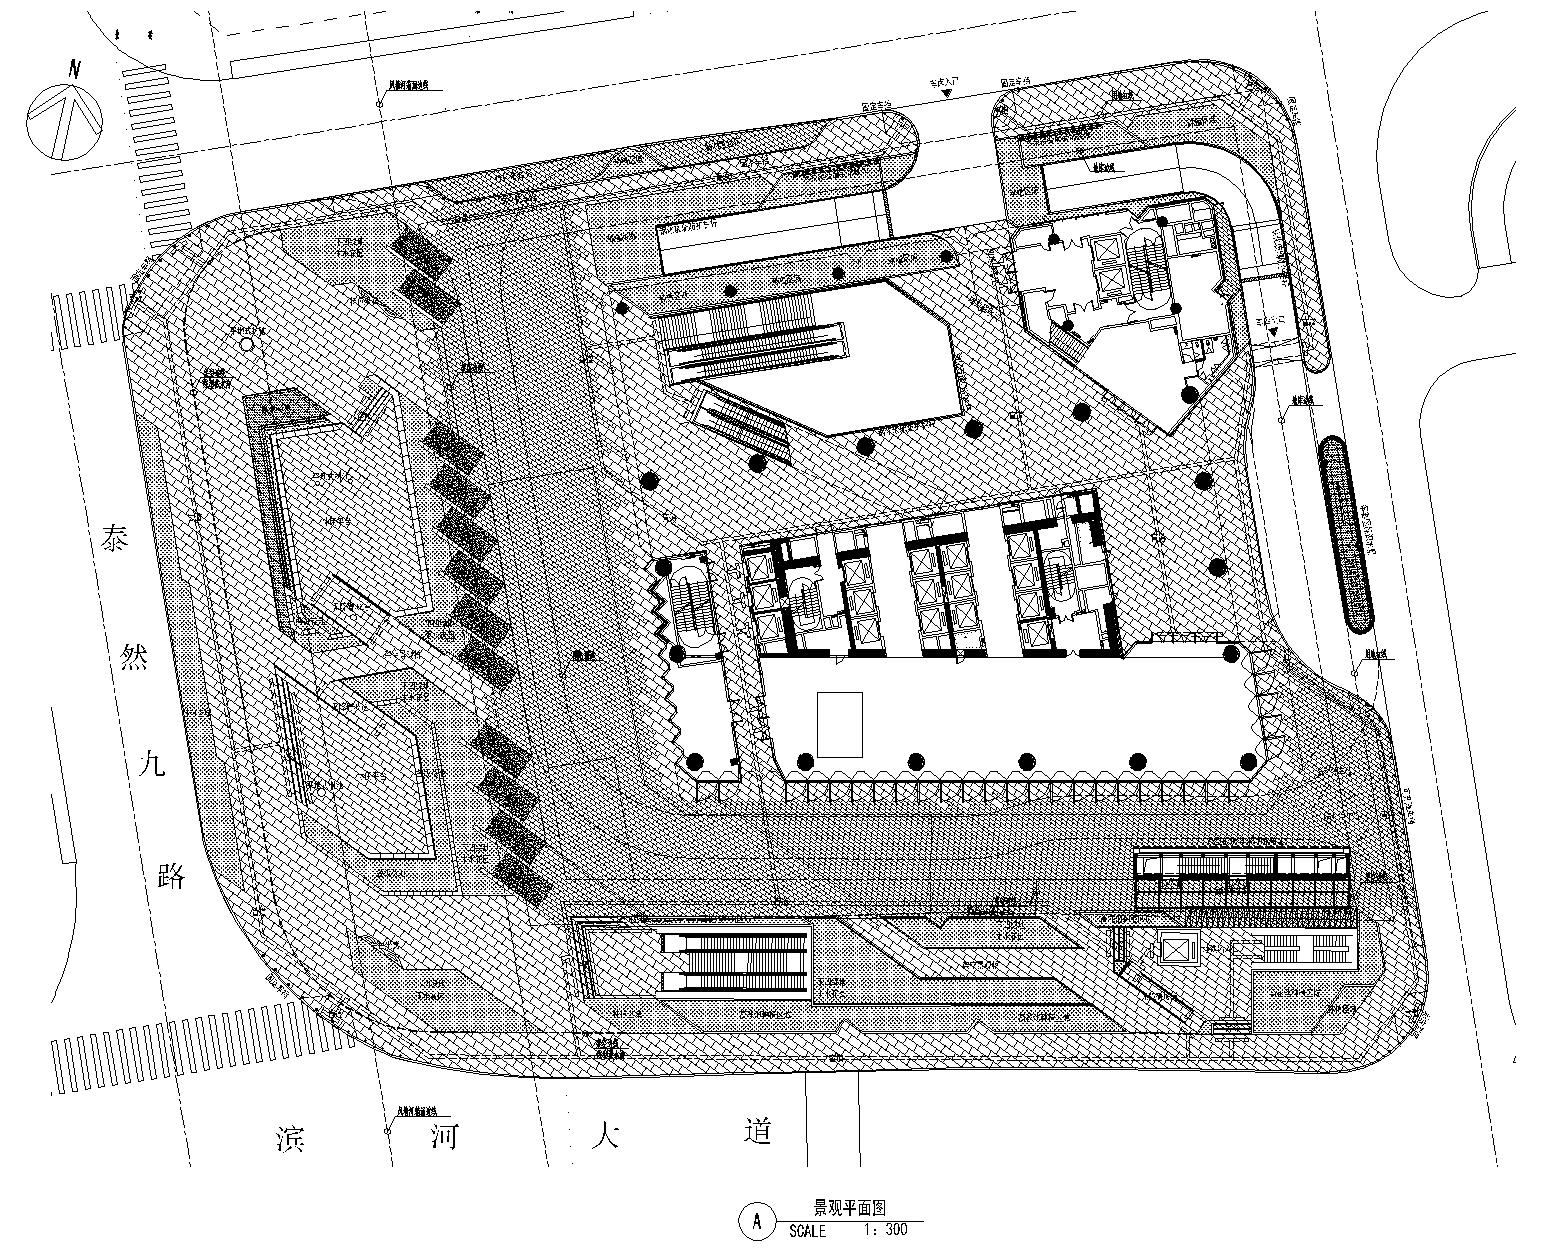 [深圳]万科滨海置地大厦景观全套CAD施工图?(含屋顶花园景观)